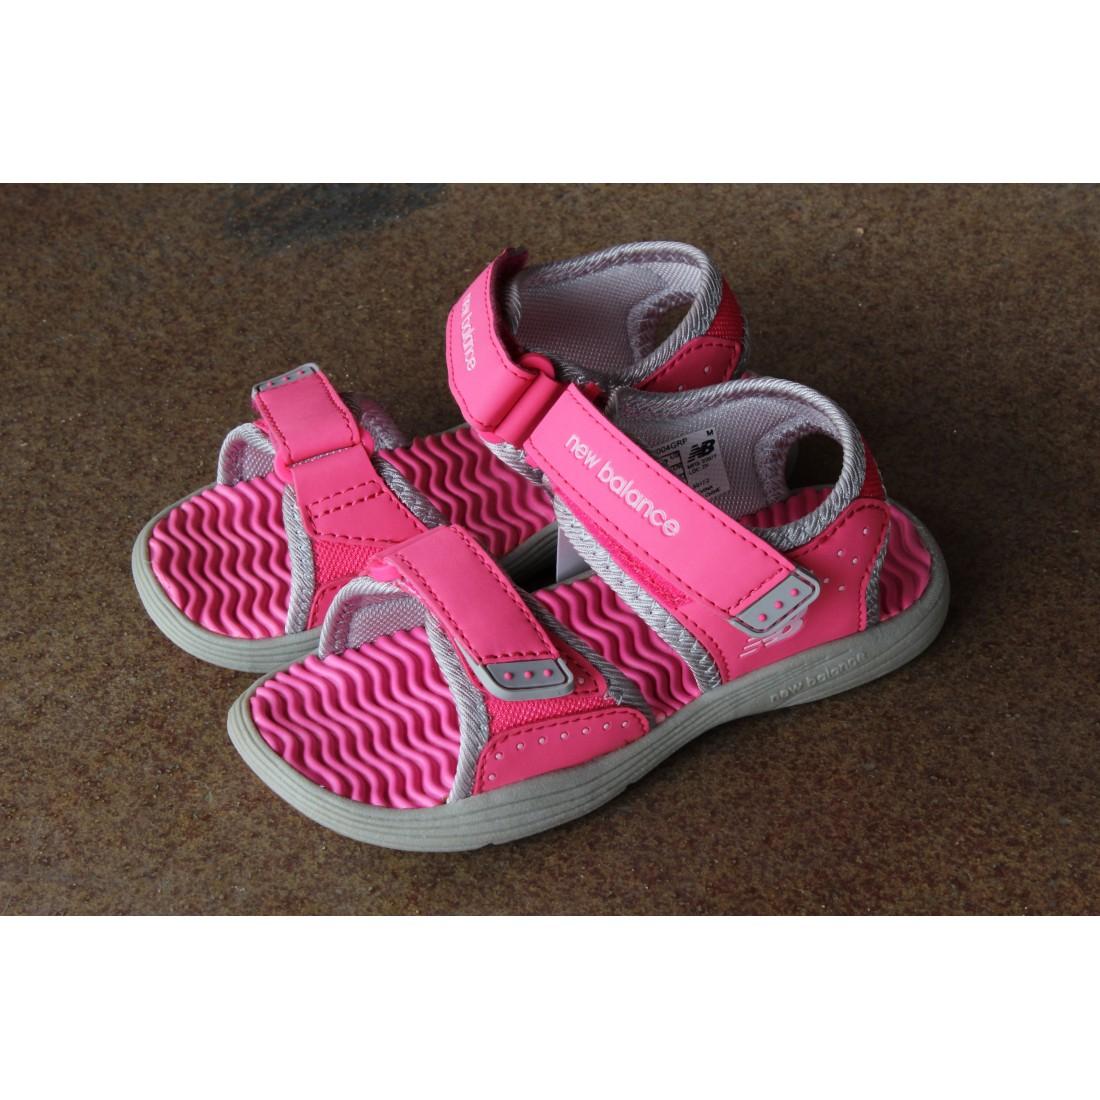 Sandałki dziecięce NB rożowe i fioletowe